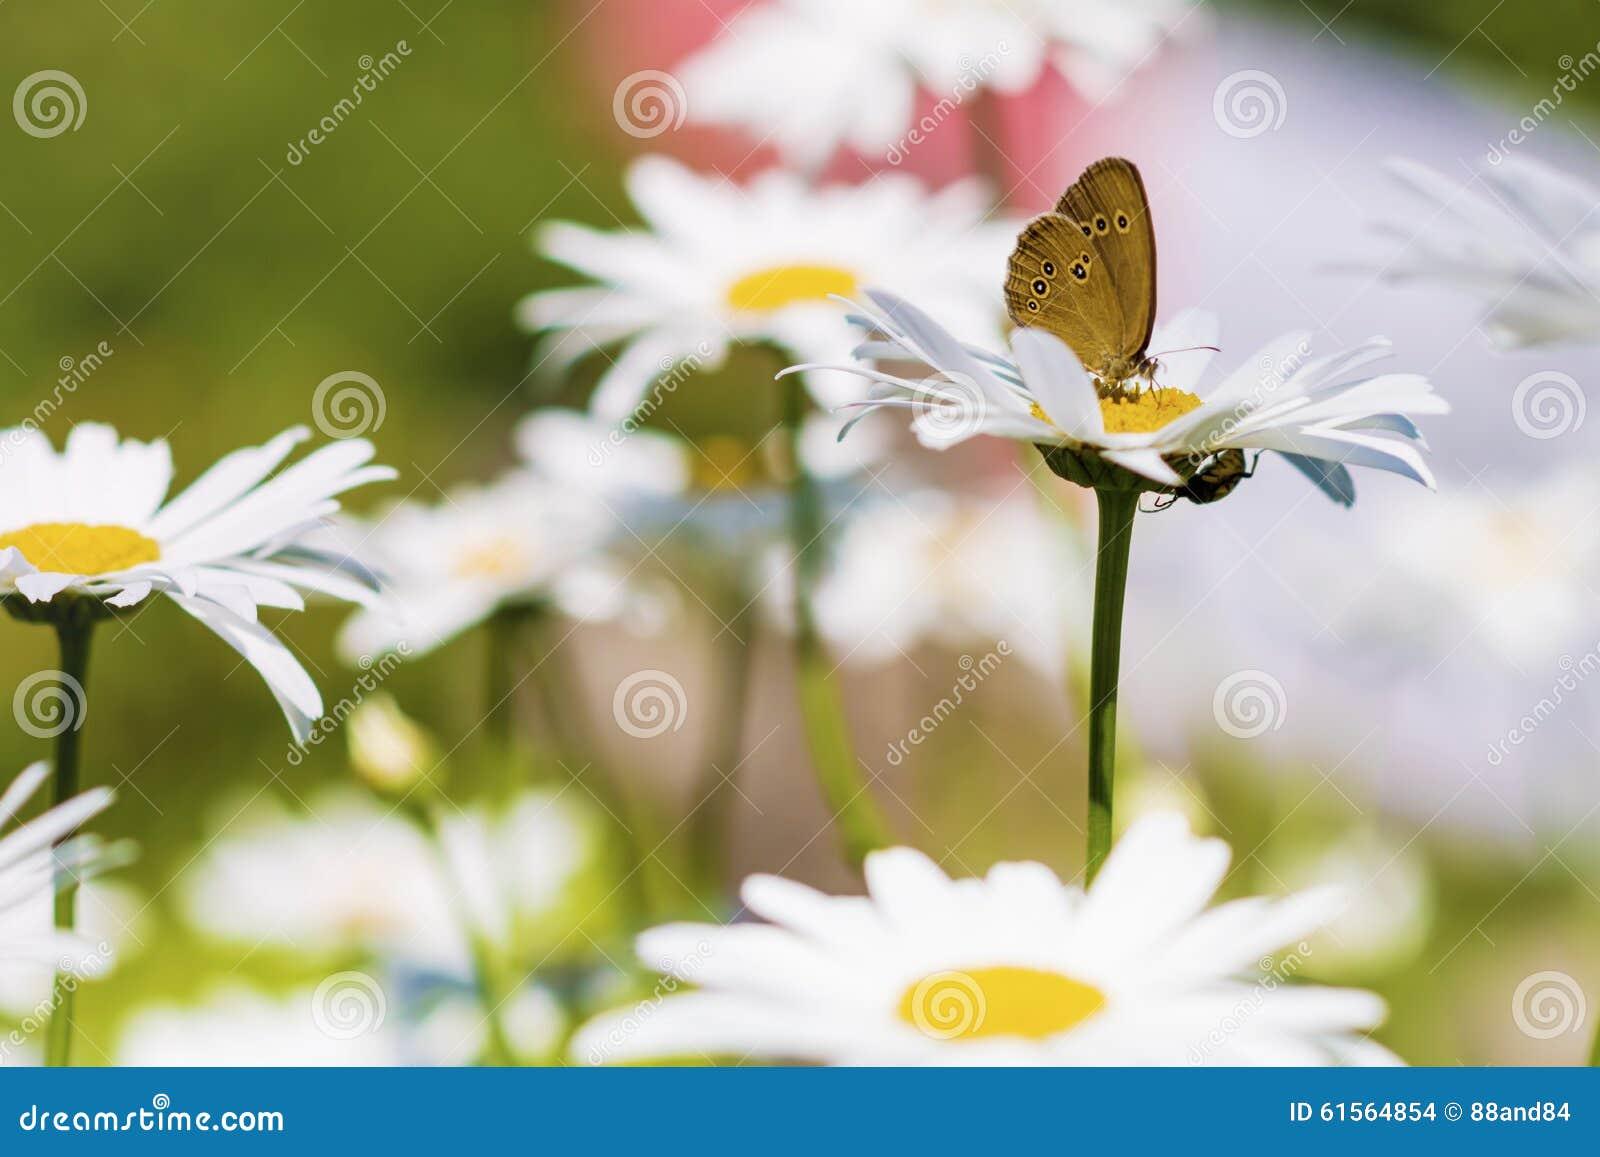 Papillon dans un jardin de fleurs photo stock image for Un jardin de fleurs